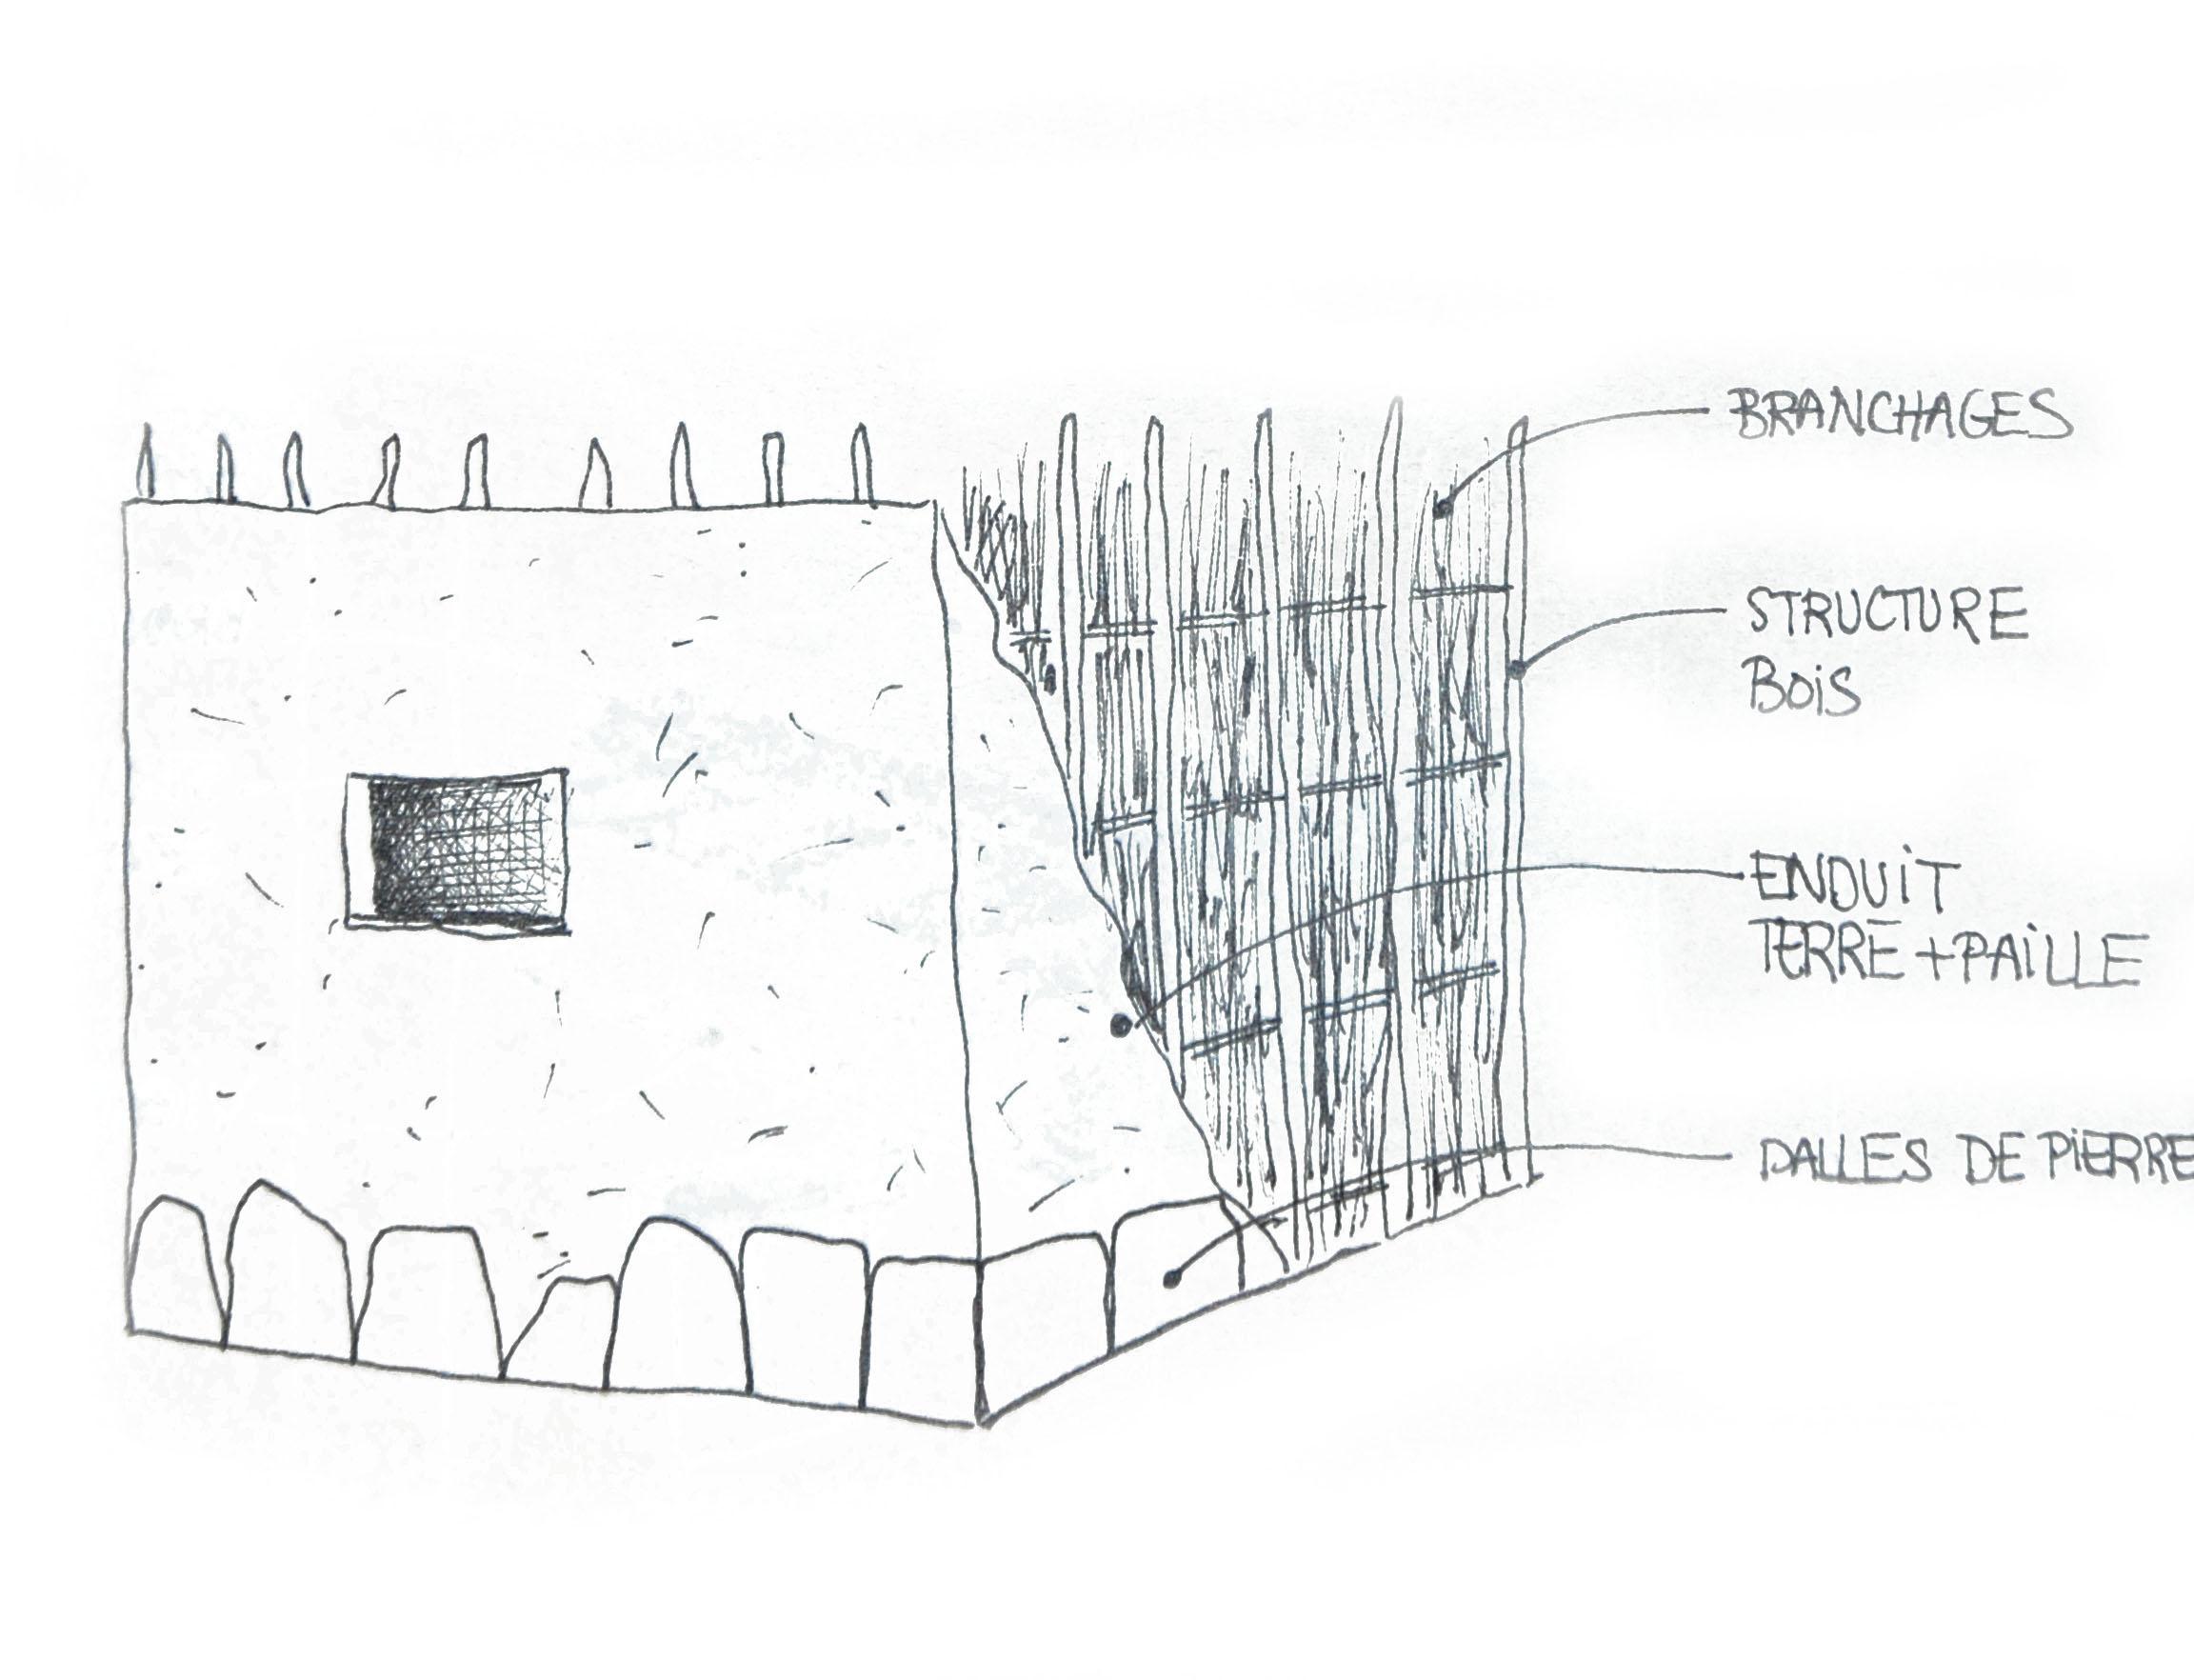 Techniques constructives des anciens Pueblos: Bois, Terre crue et maçonnerie en pierre sèche.